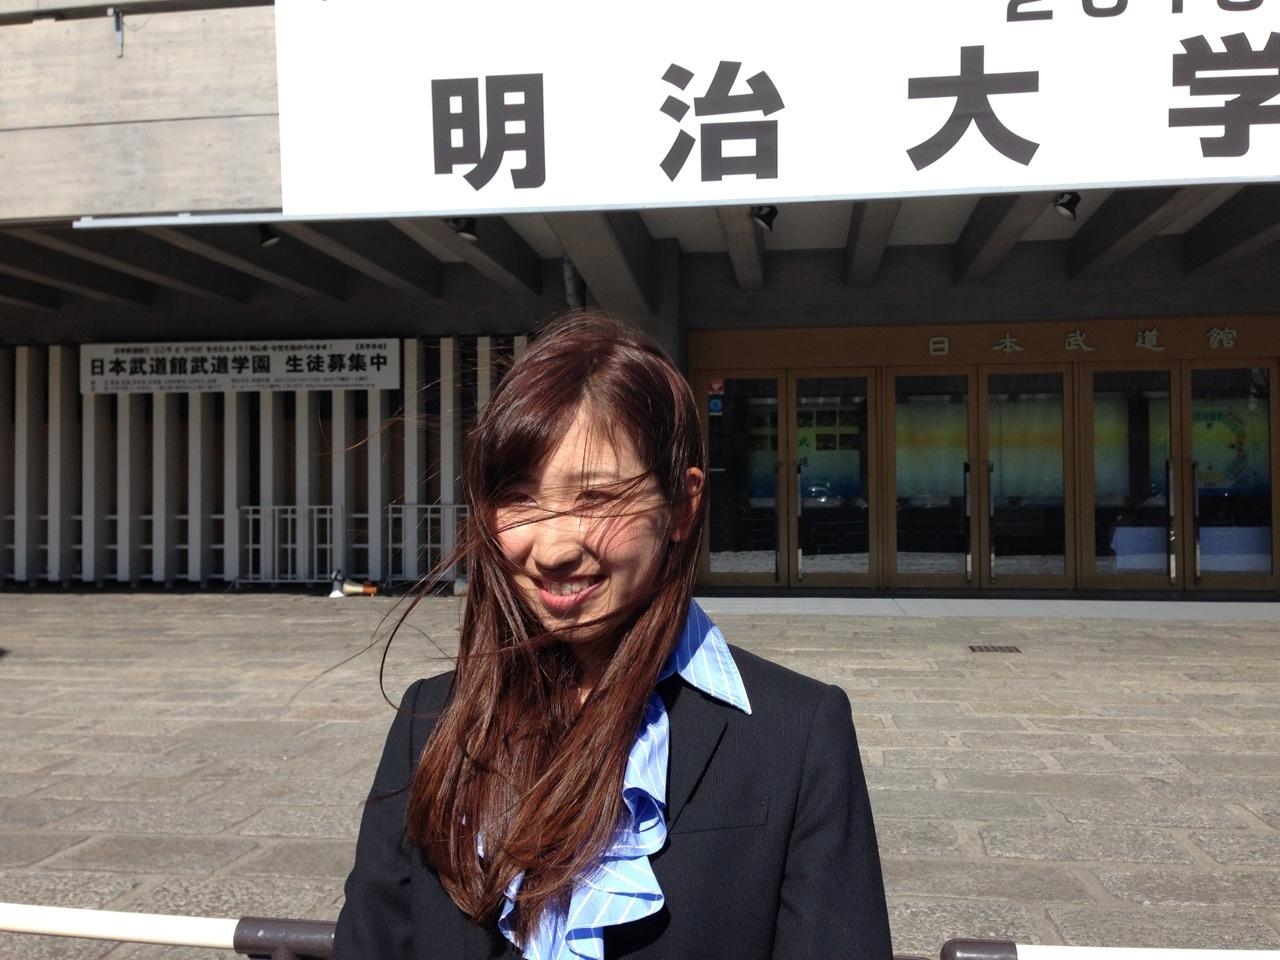 大学入学時の臼井佑奈